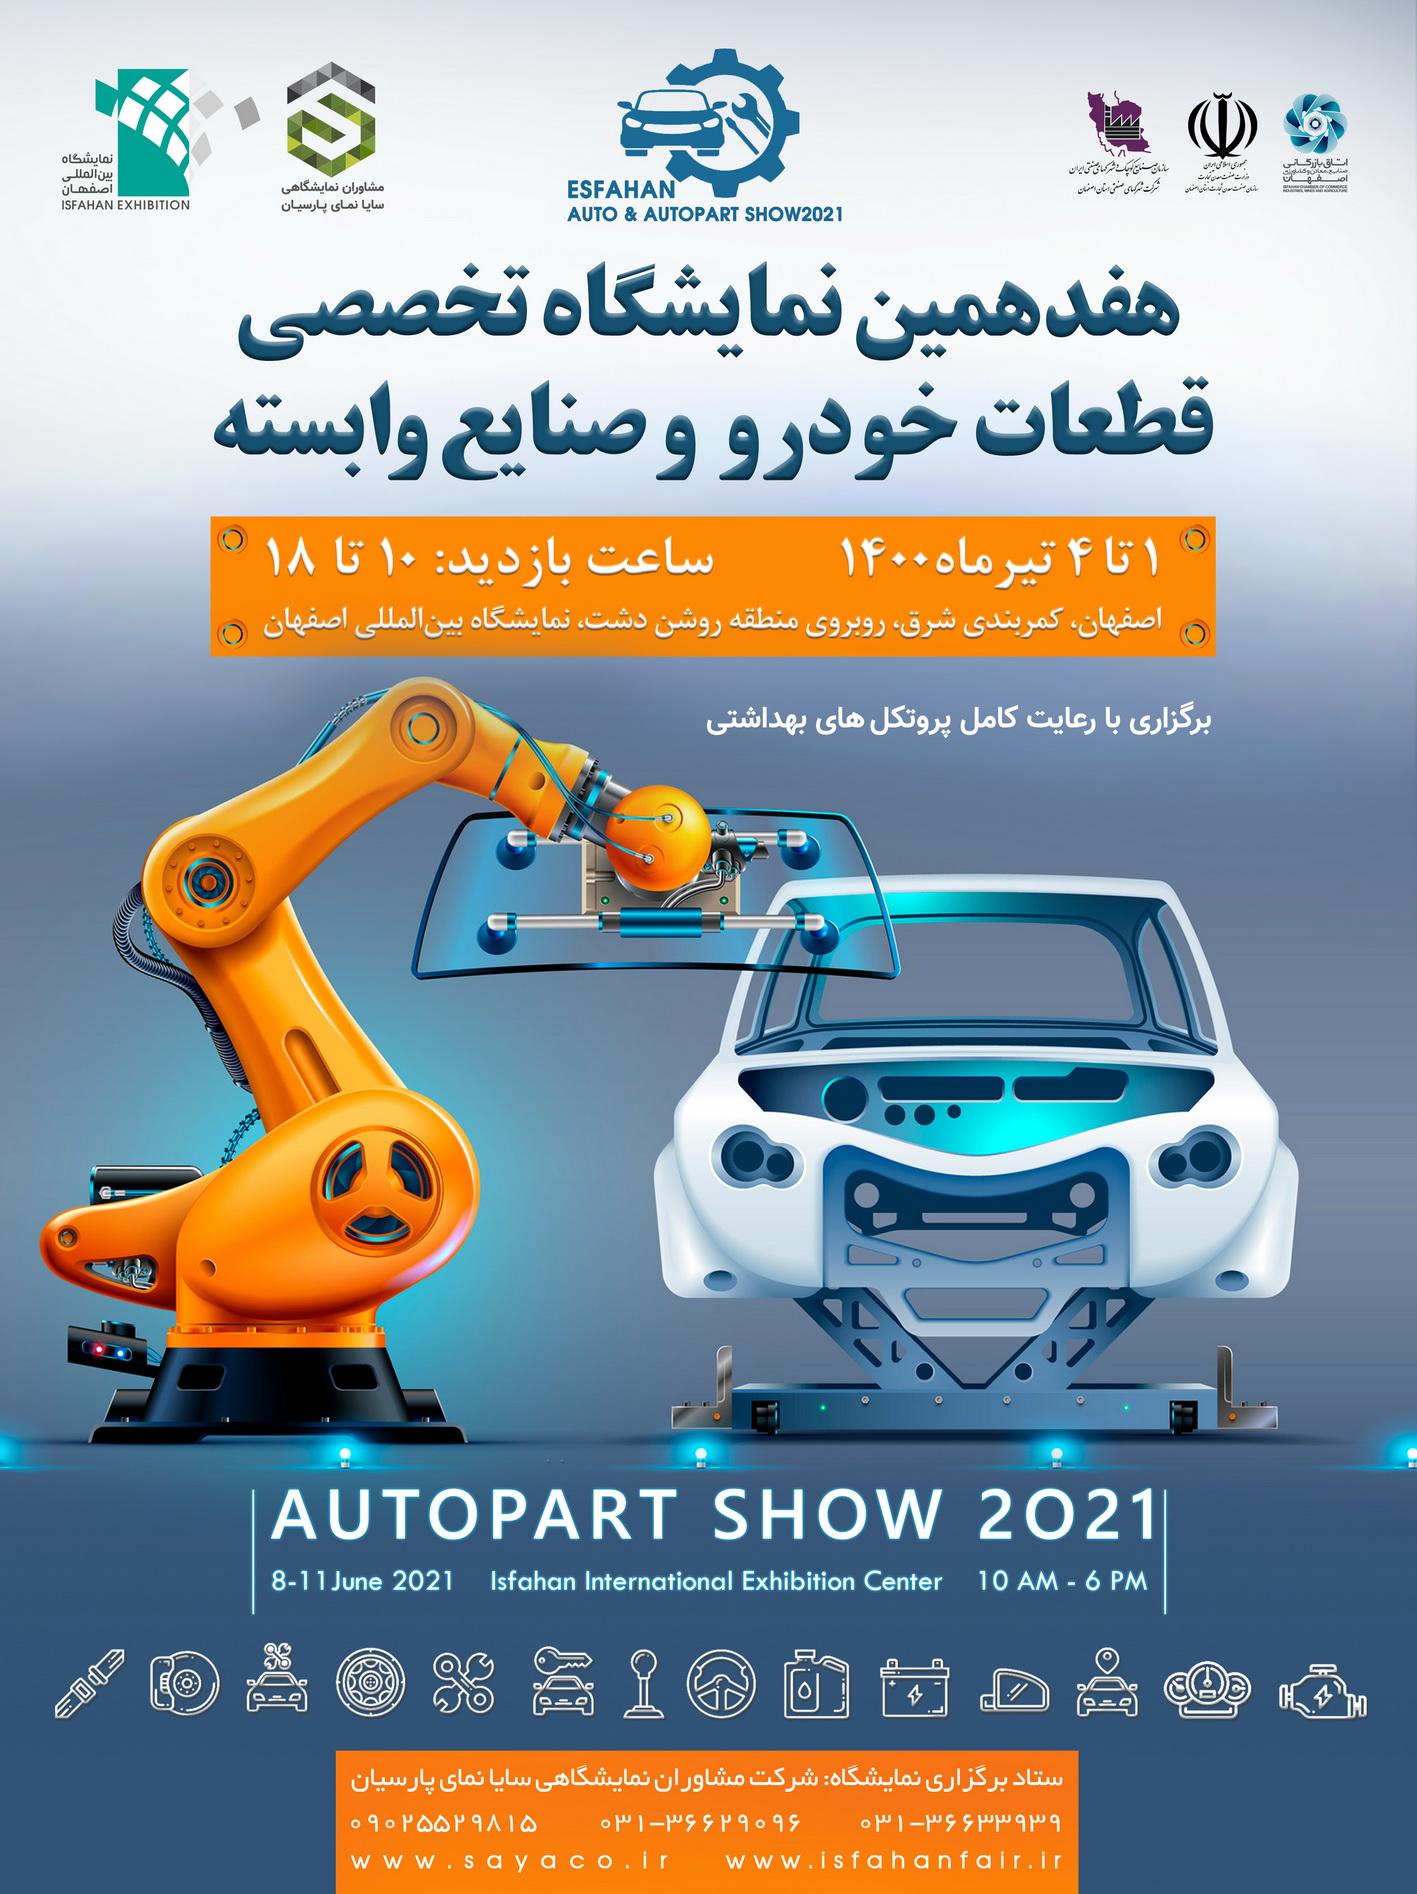 هفدهمین نمایشگاه تخصصی قطعات خودرو و صنایع وابسته اصفهان